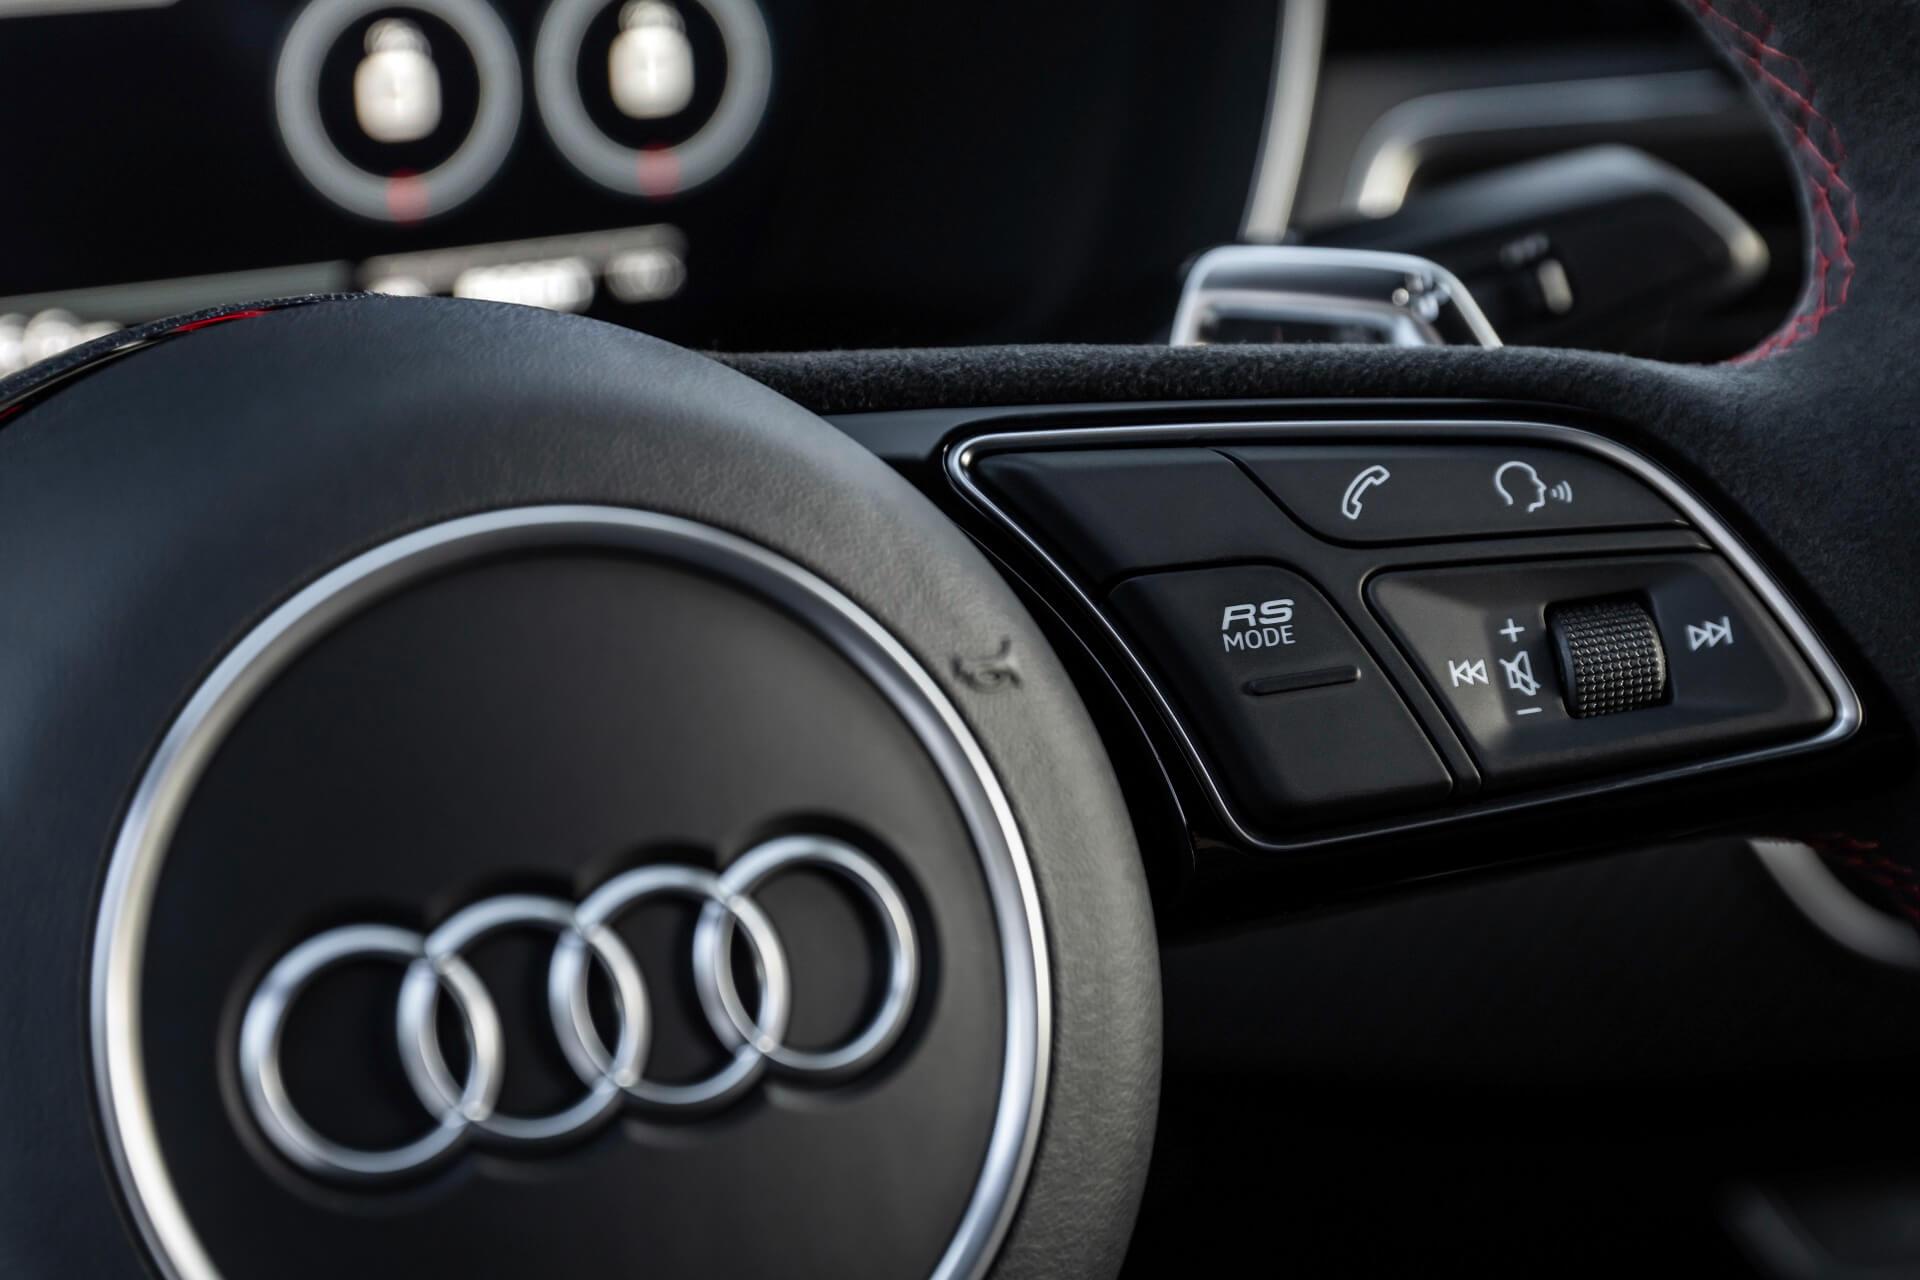 Νέο Audi RS 5 - Προφίλ οδήγησης - RS MODE επιλογή στο τιμόνι